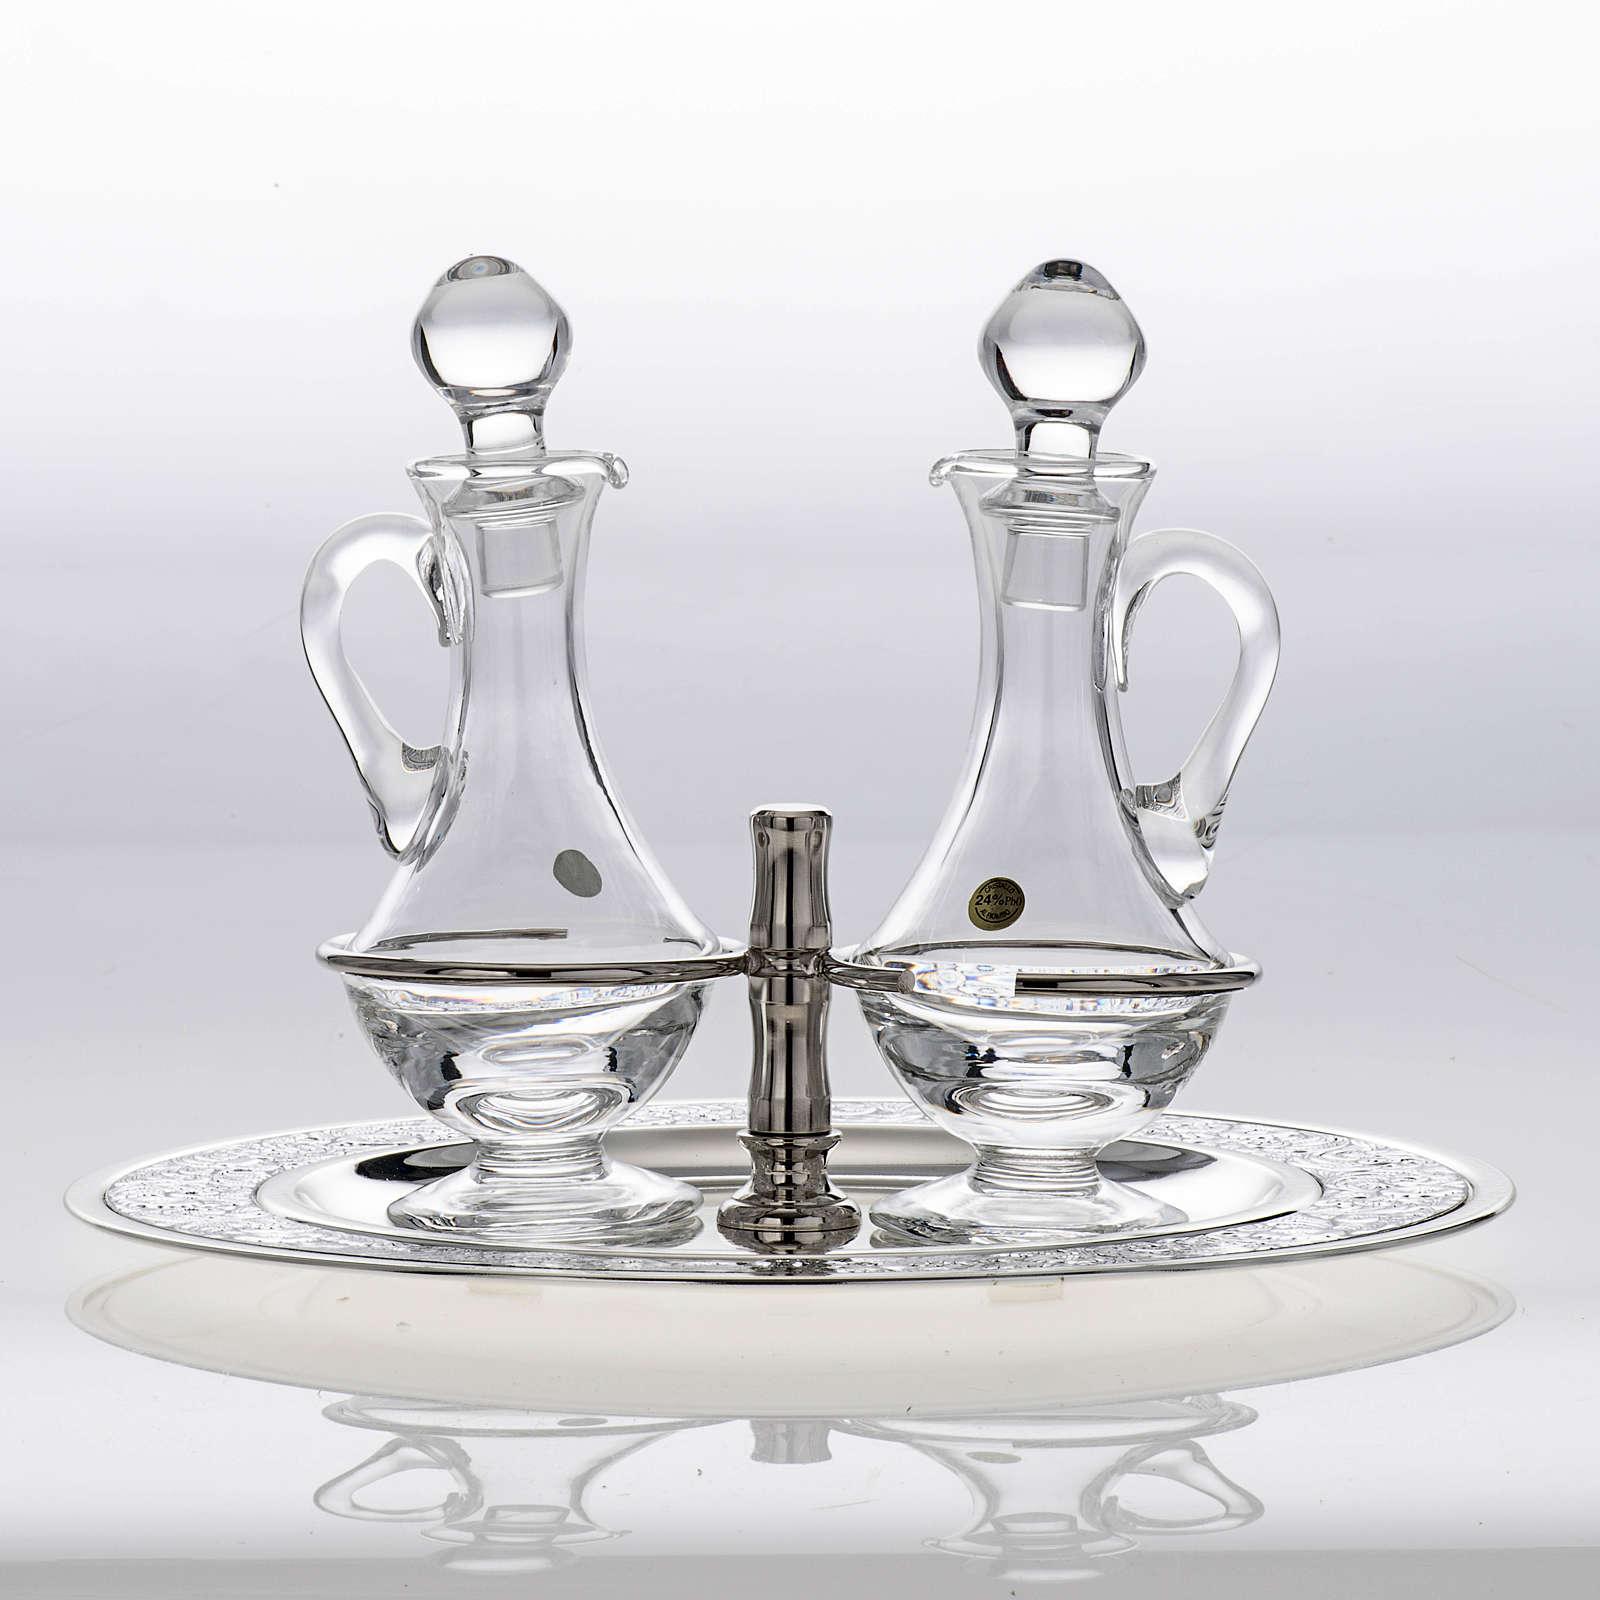 Vinajeras cristal platillo latón plateado 4